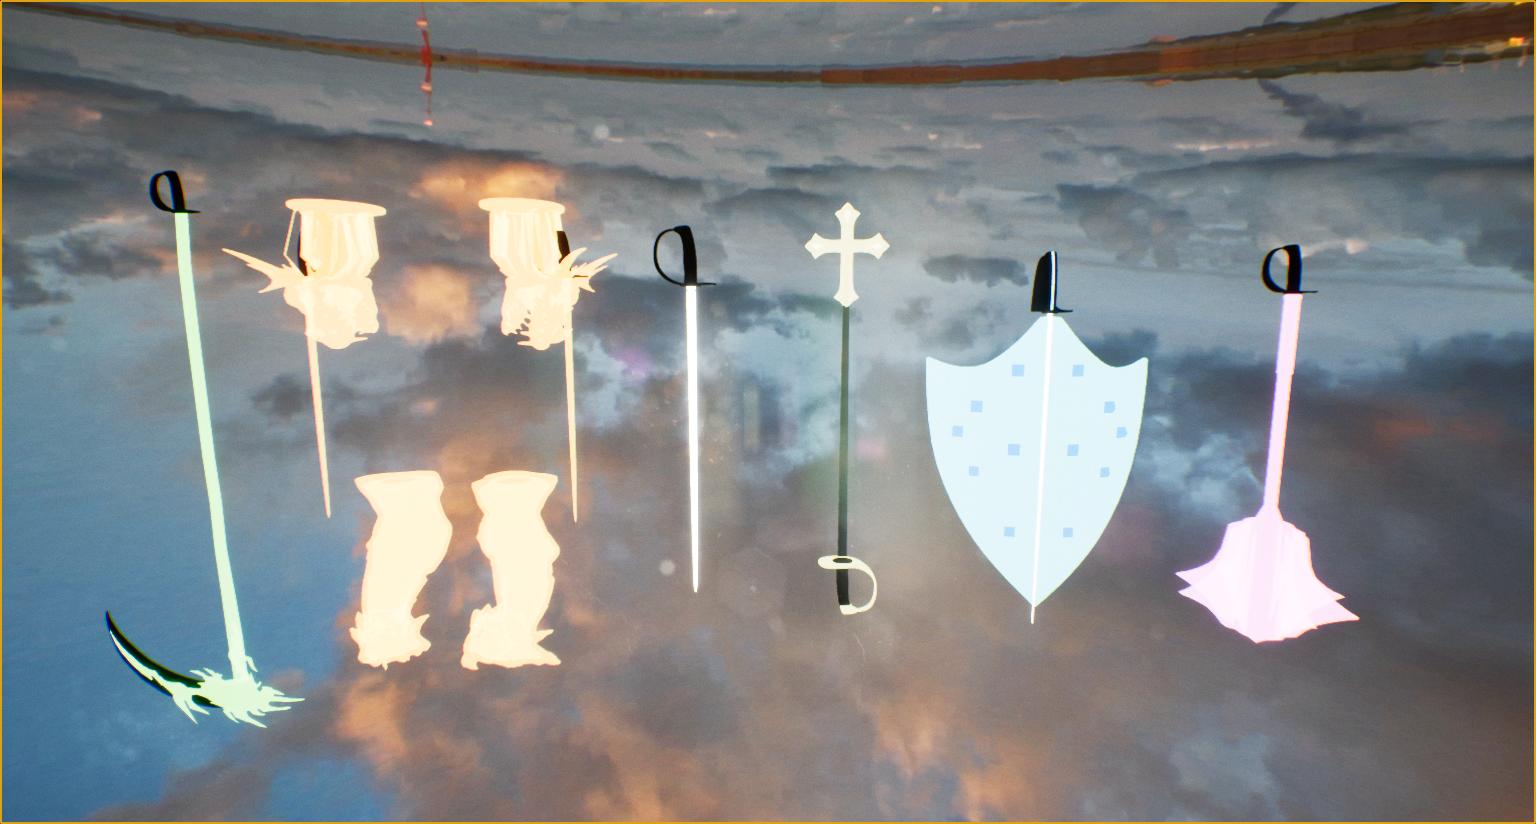 From left to right: Snakebite, Tarasque, Babylon Sword, Babylon Staff, Babylon Shield and Vedas.